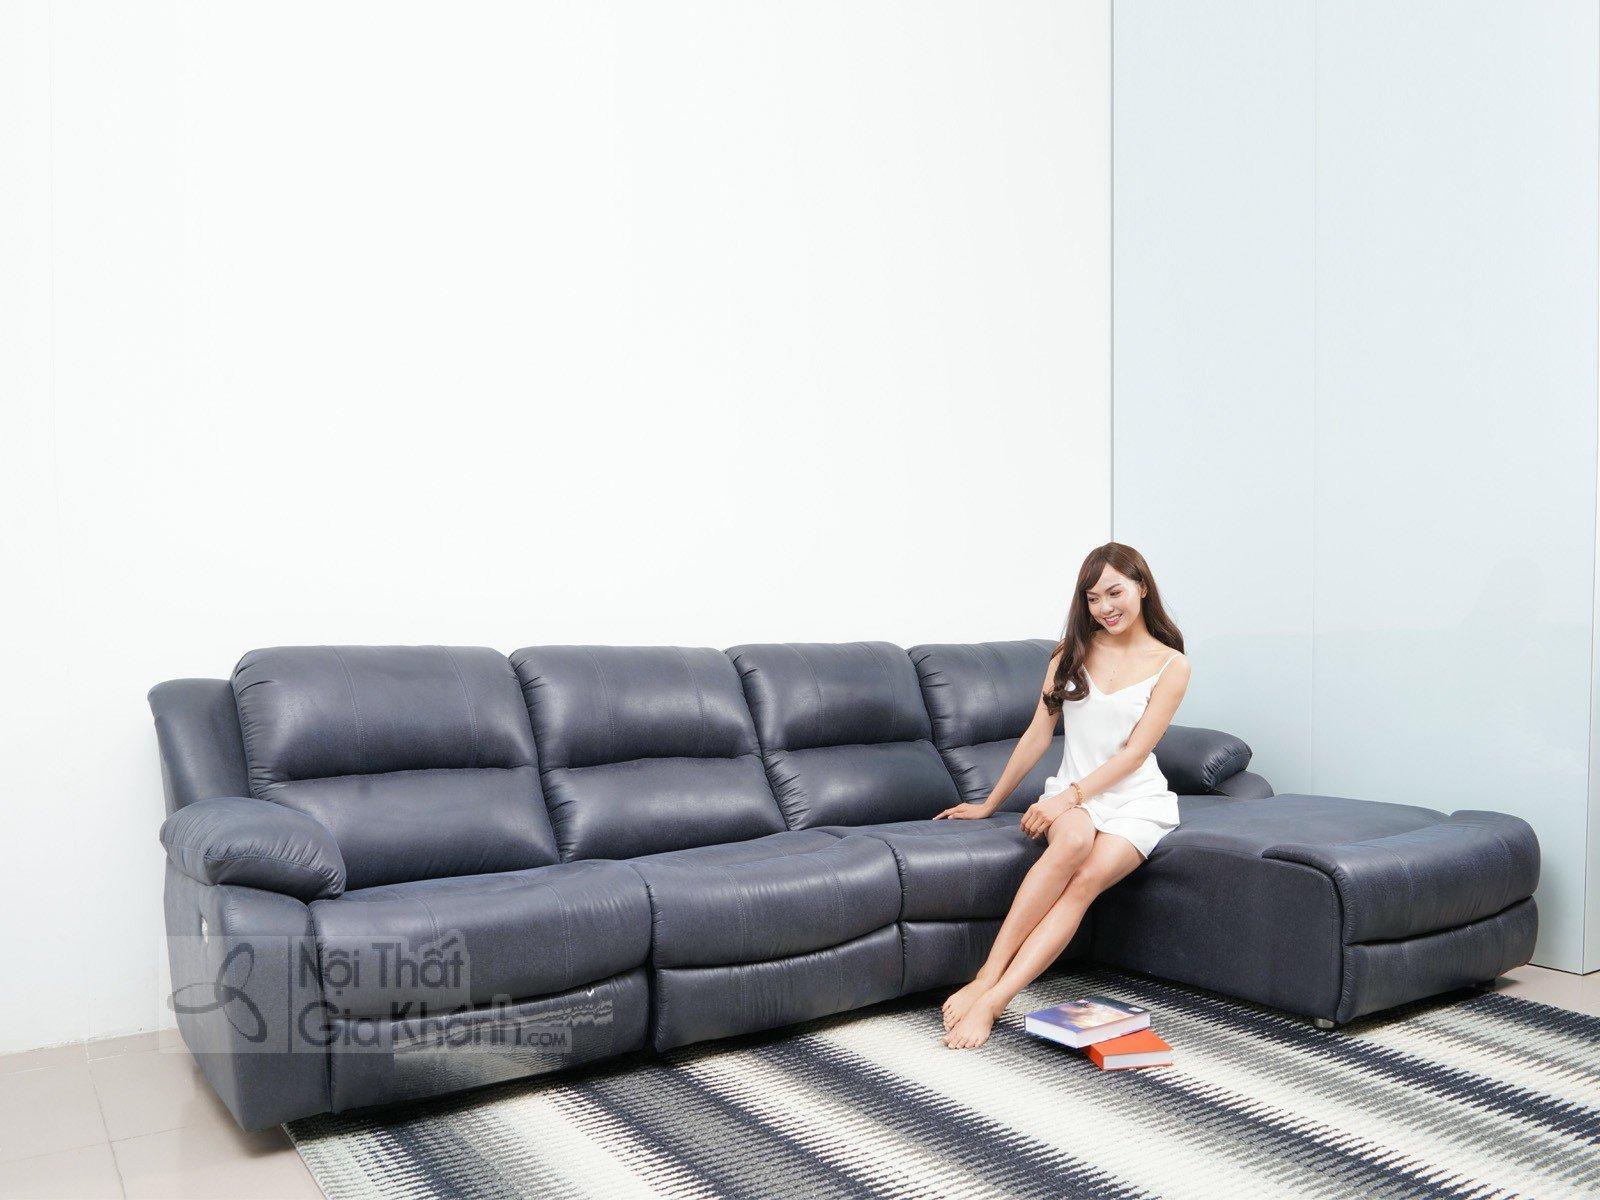 SOFA 3 BĂNG GÓC TRÁI NỈ NANO CÓ GHẾ NÂNG THƯ GIÃN MR843SF - sofa hien dai MR843SF 3200x1800x1000 7